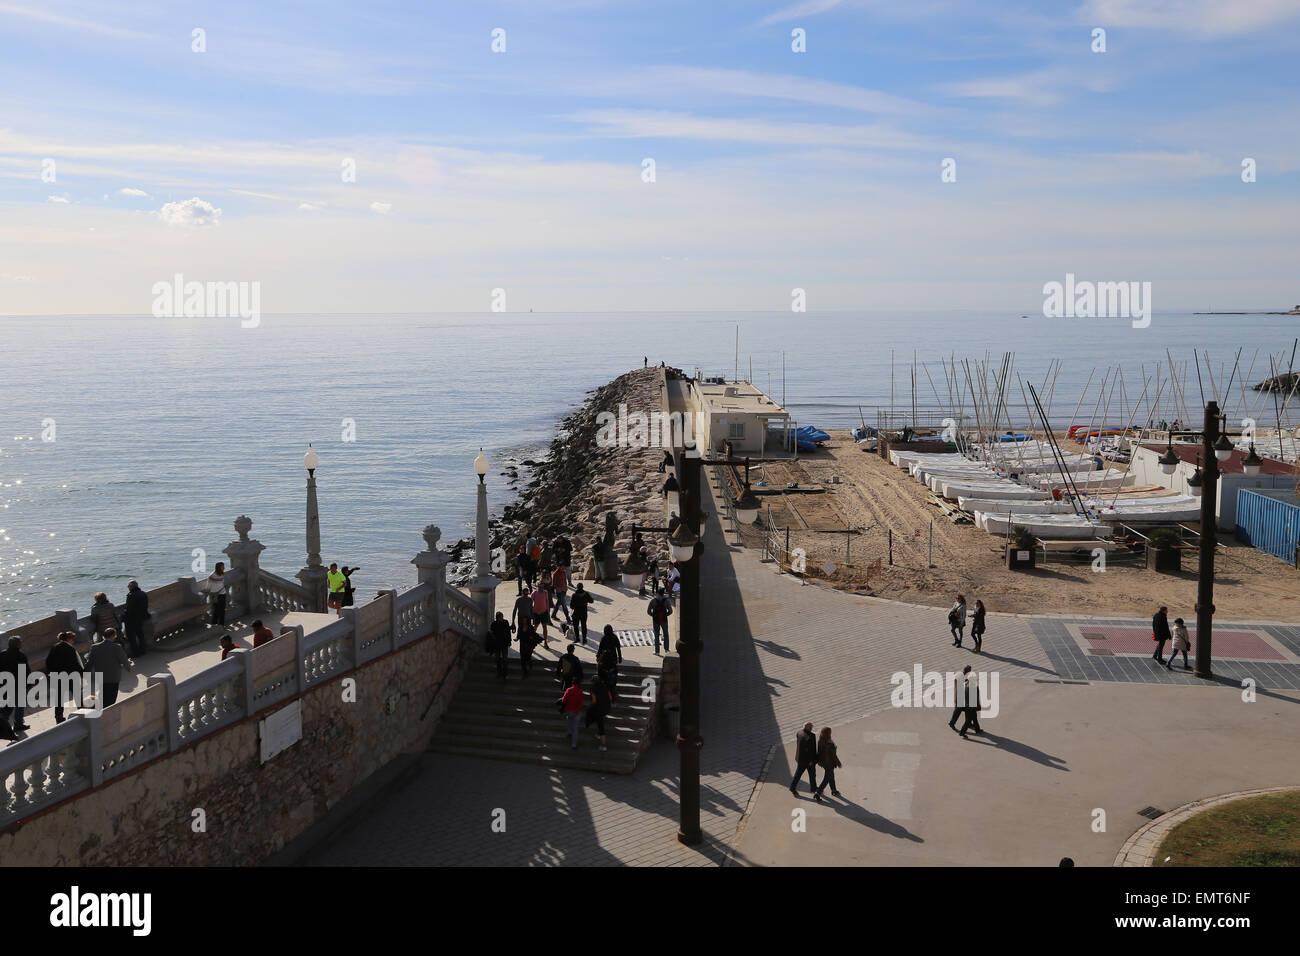 Spagna. La Catalogna. Sitges. Mare Mediterraneo. Struttura di frangionde. Immagini Stock